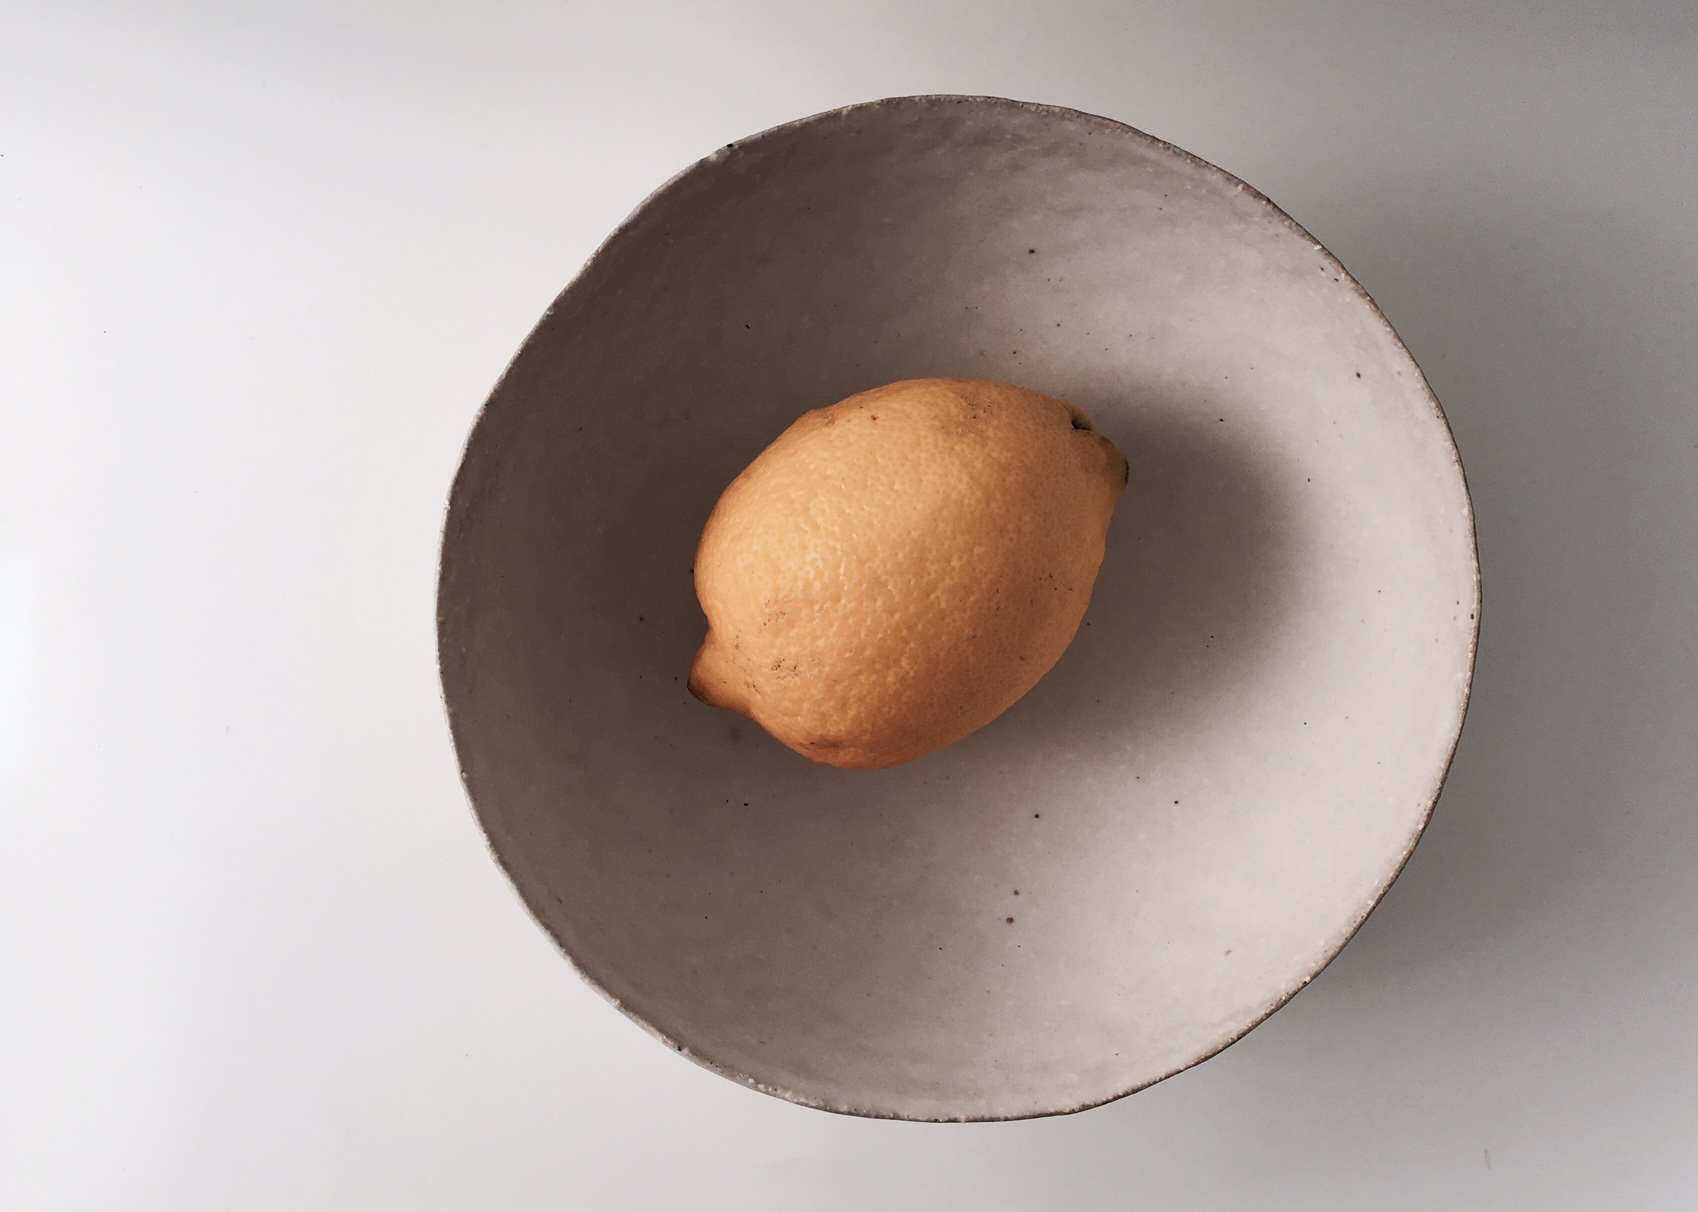 N_pinched fruit bowl_flat.jpg